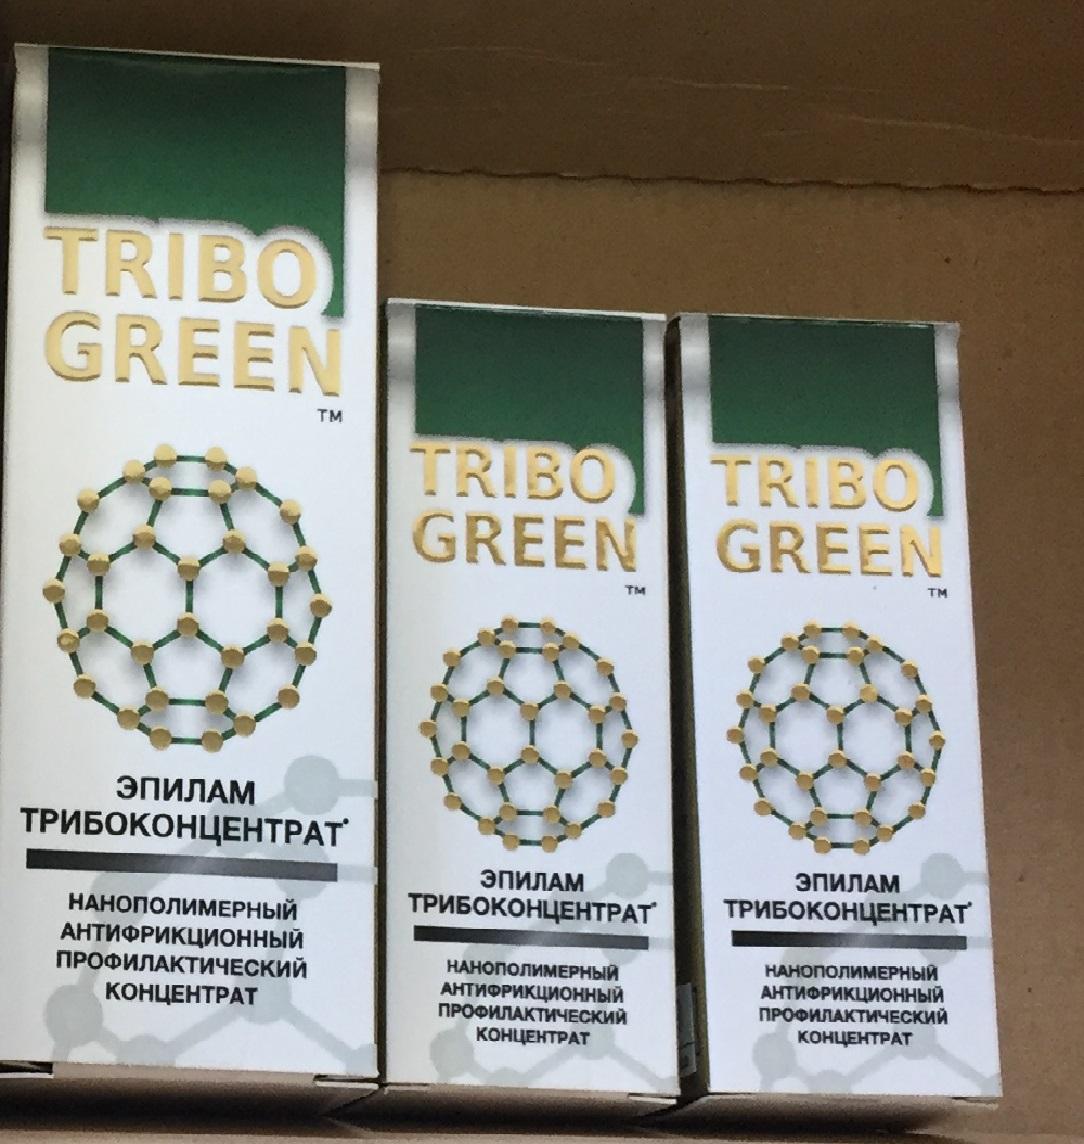 Присадка профилактическая Tribogreen «Эпилам Трибоконцентрат», ДВС внедорожники, 80 гр